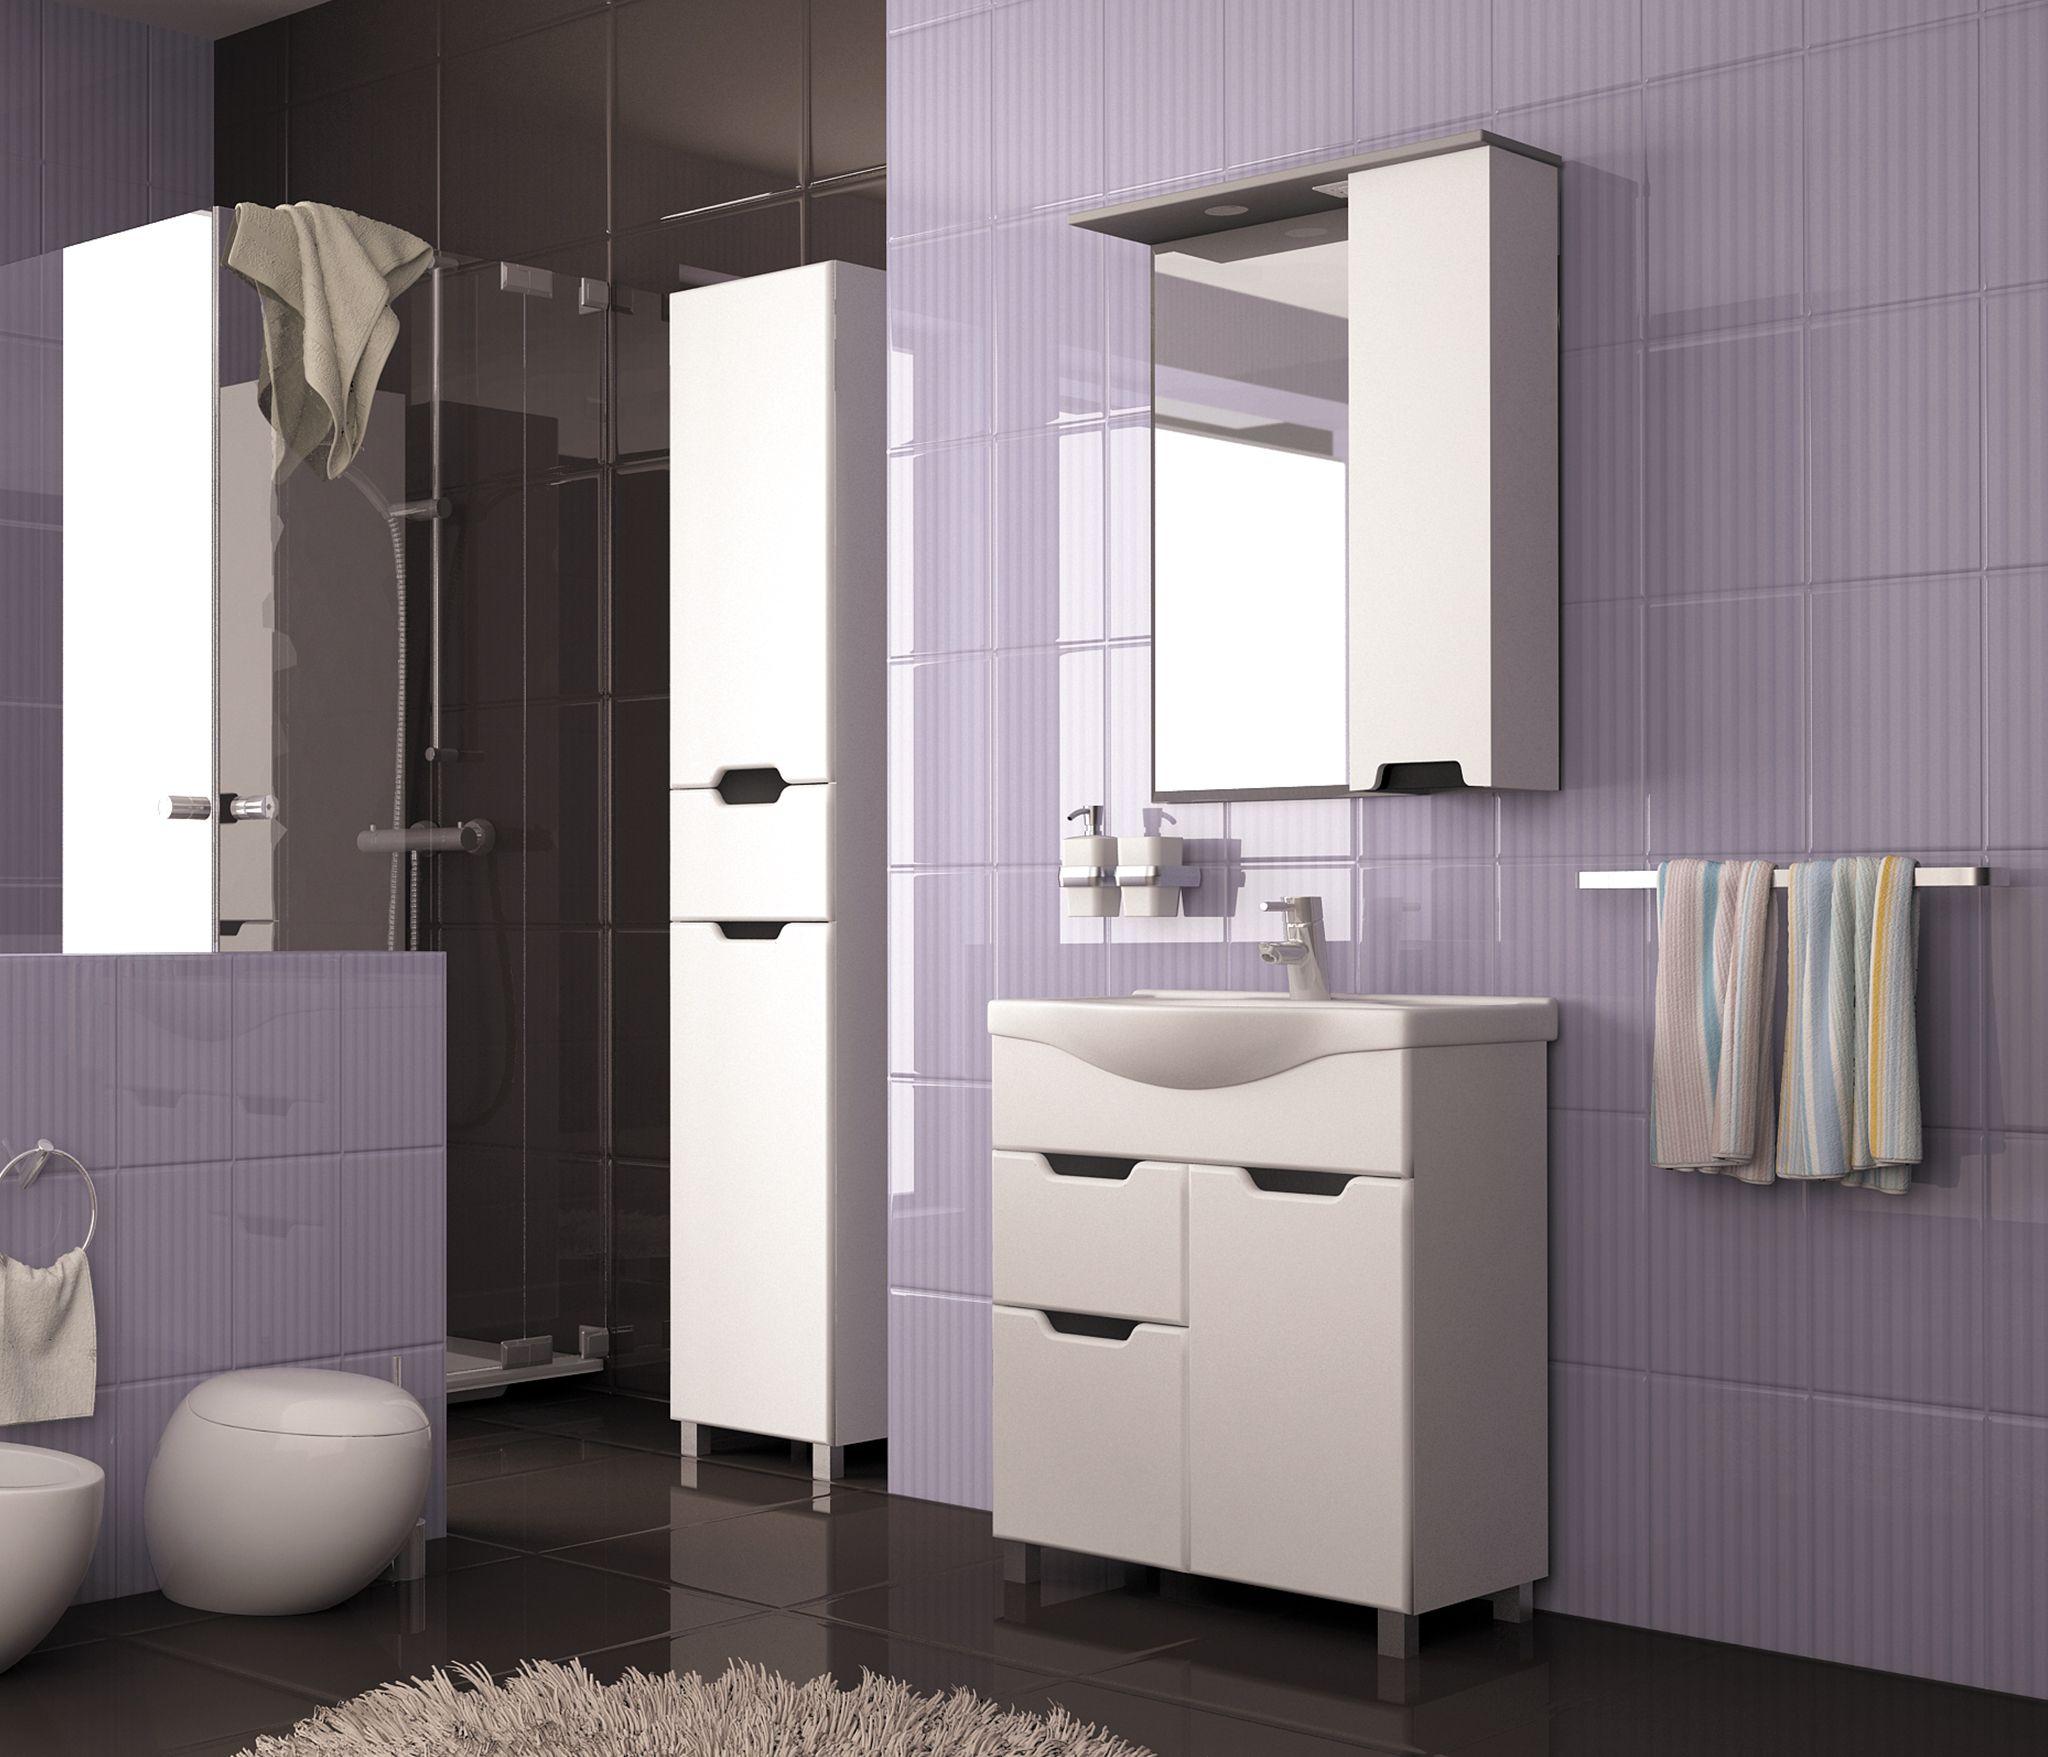 Фото 9596: Зеркало-шкаф навесной с подсветкой MIXLINE Прометей левый